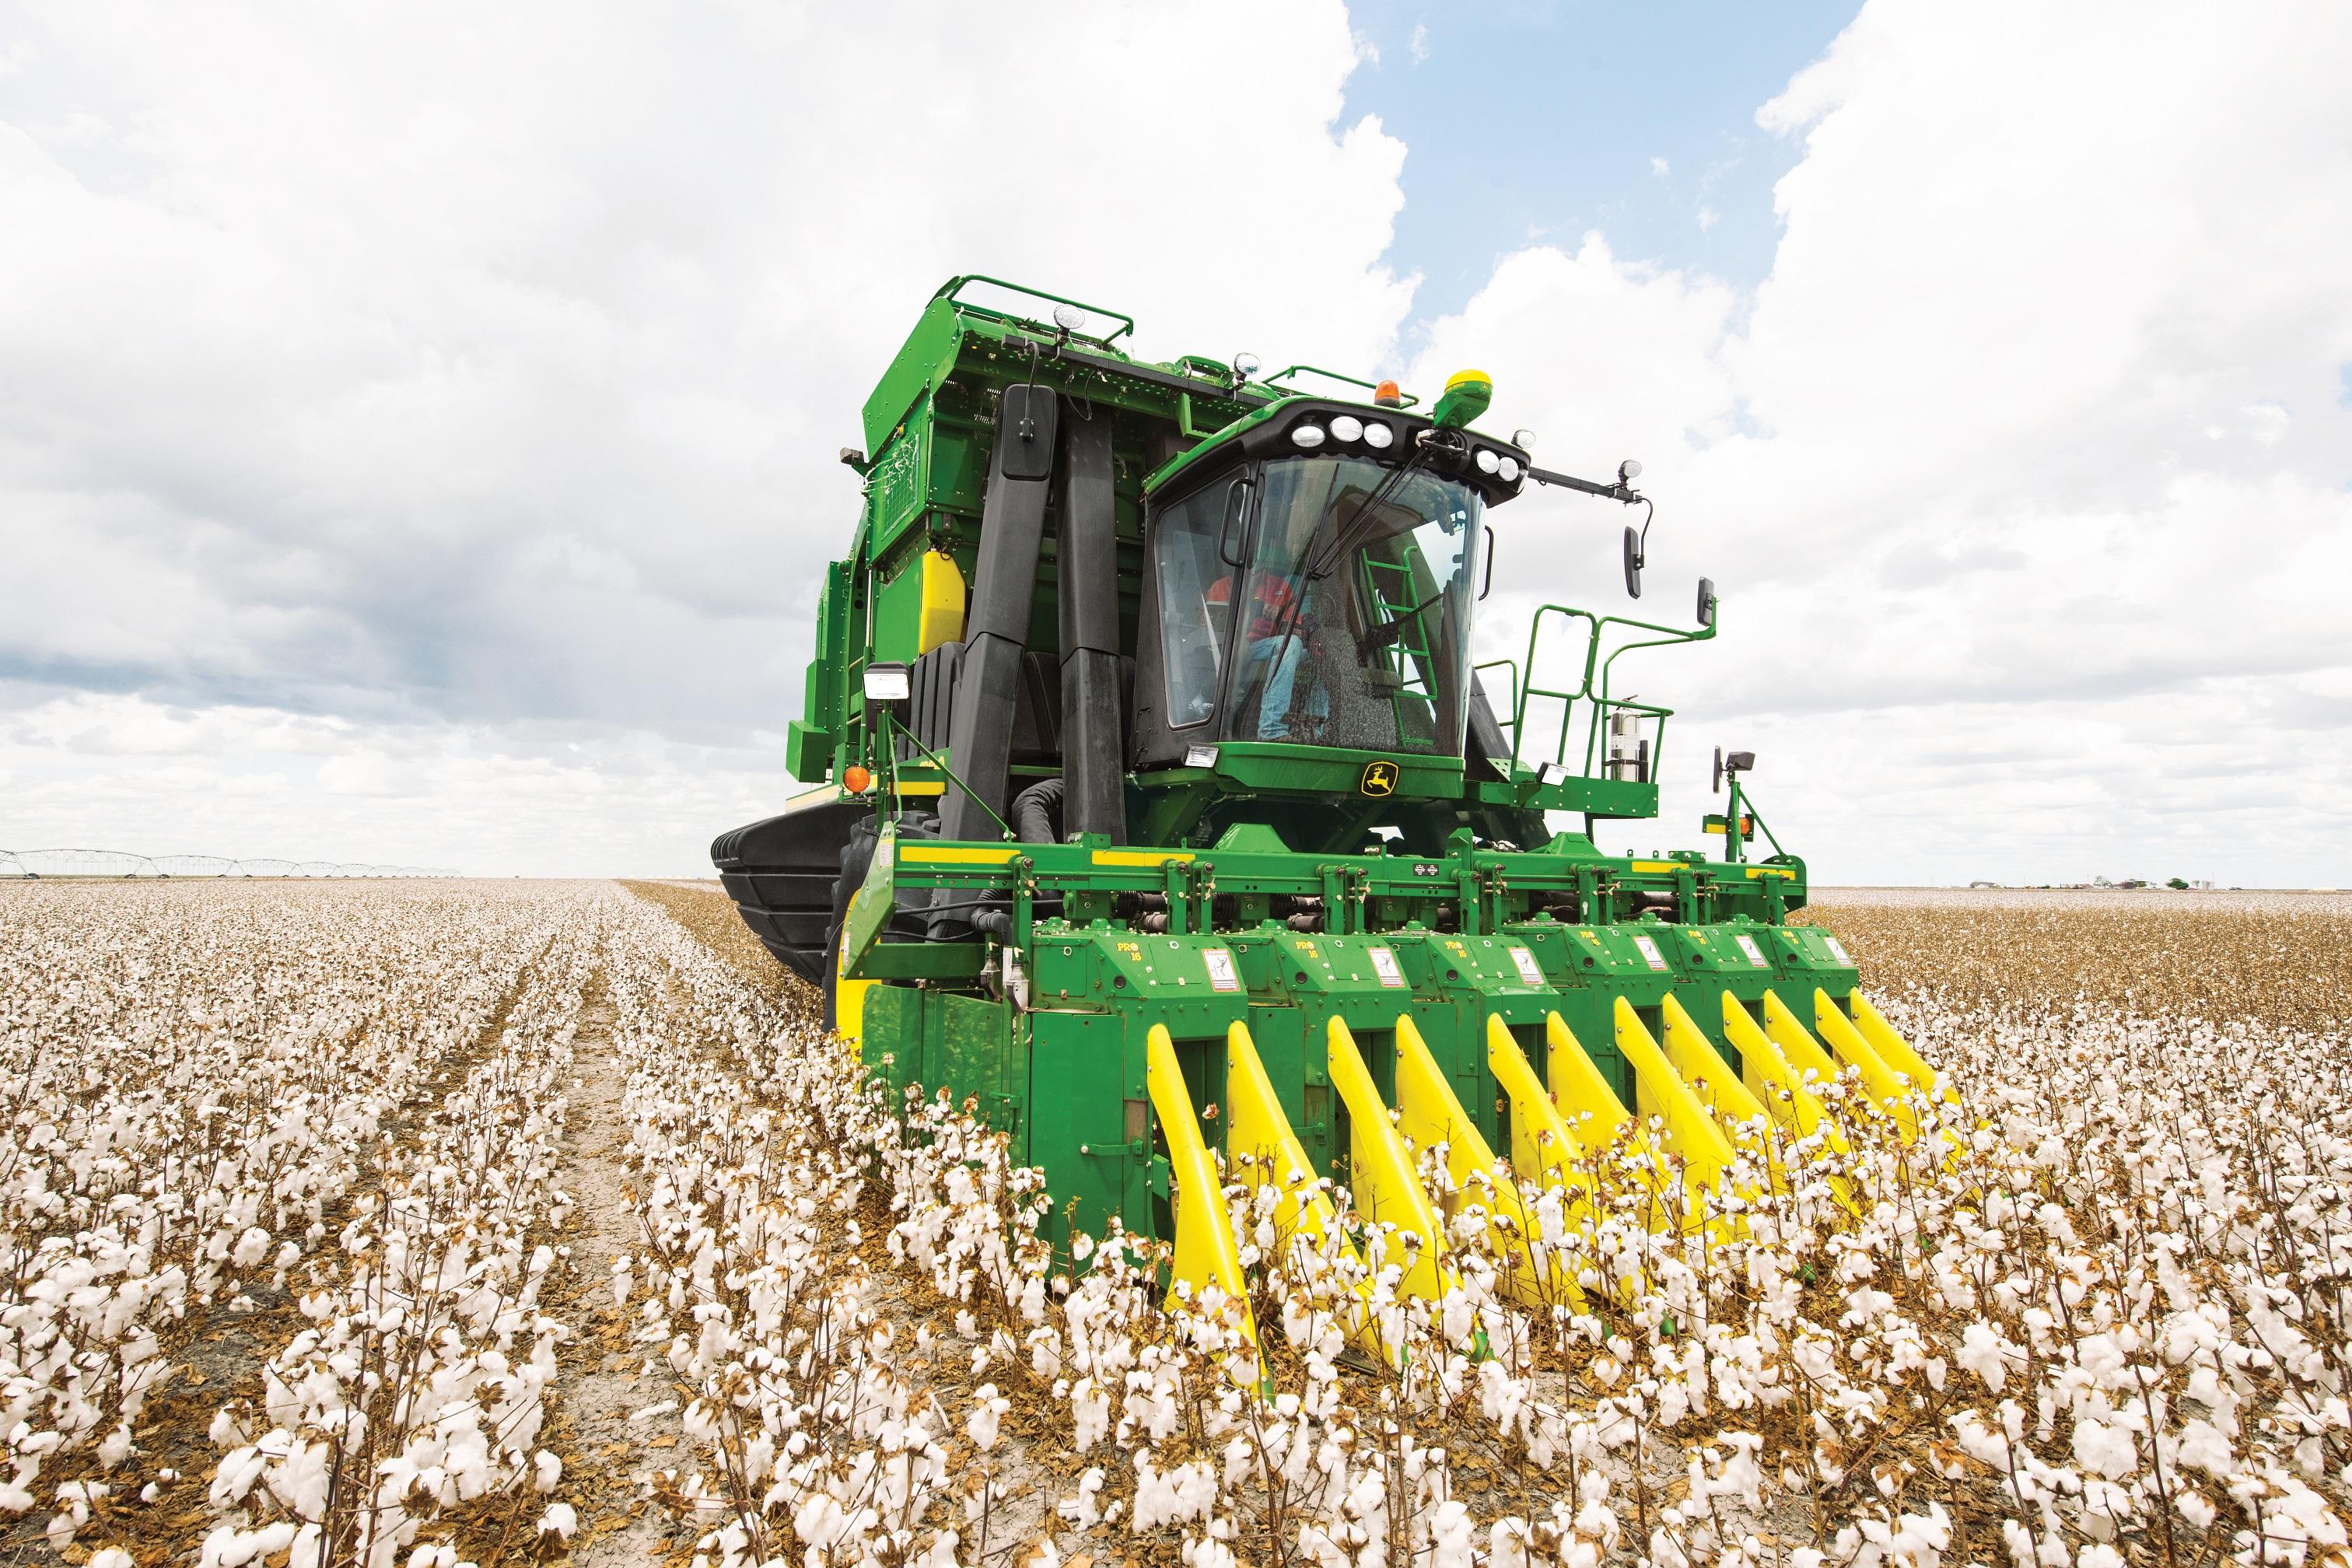 John Deere CP690 Cotton Picker | Lectura Press